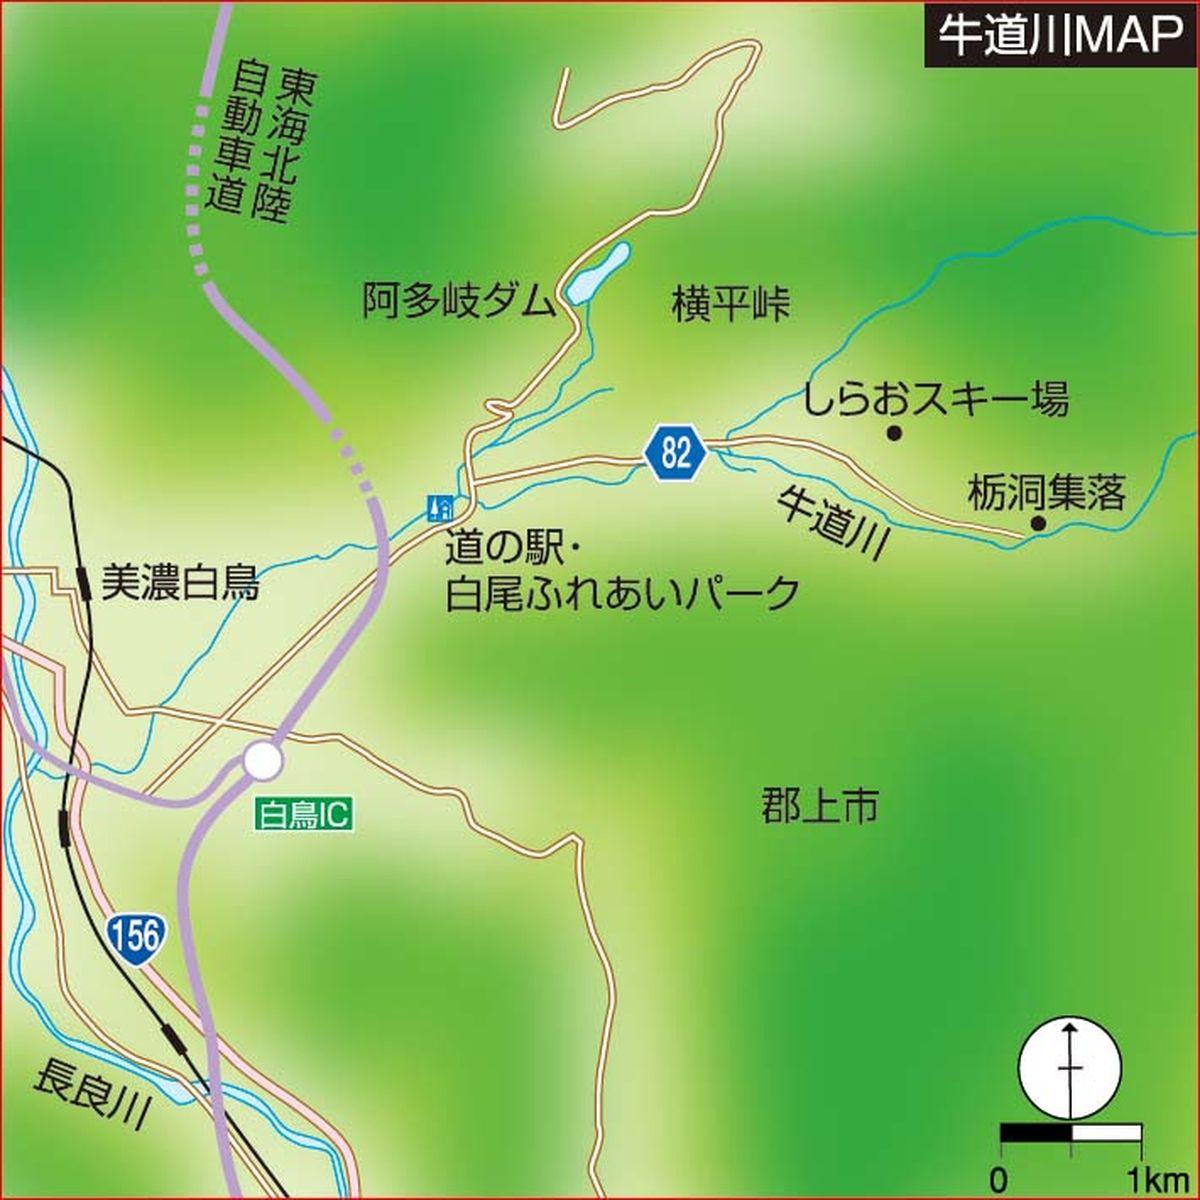 032-036-nagara-tenkara_cs6 (1)_1